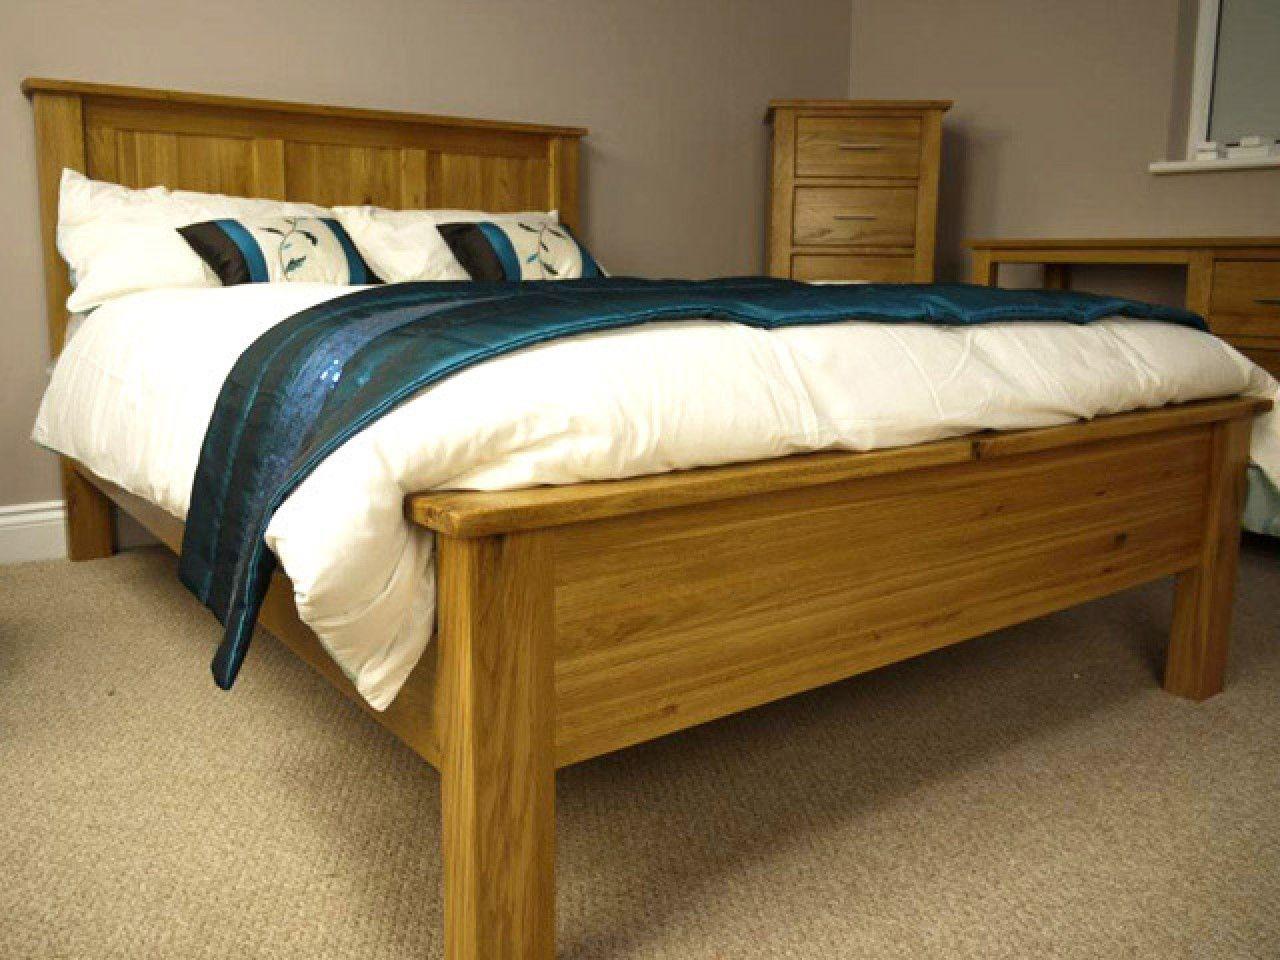 Best Wooden King Size Bed Frame | Bedroom | Pinterest | Wooden king ...